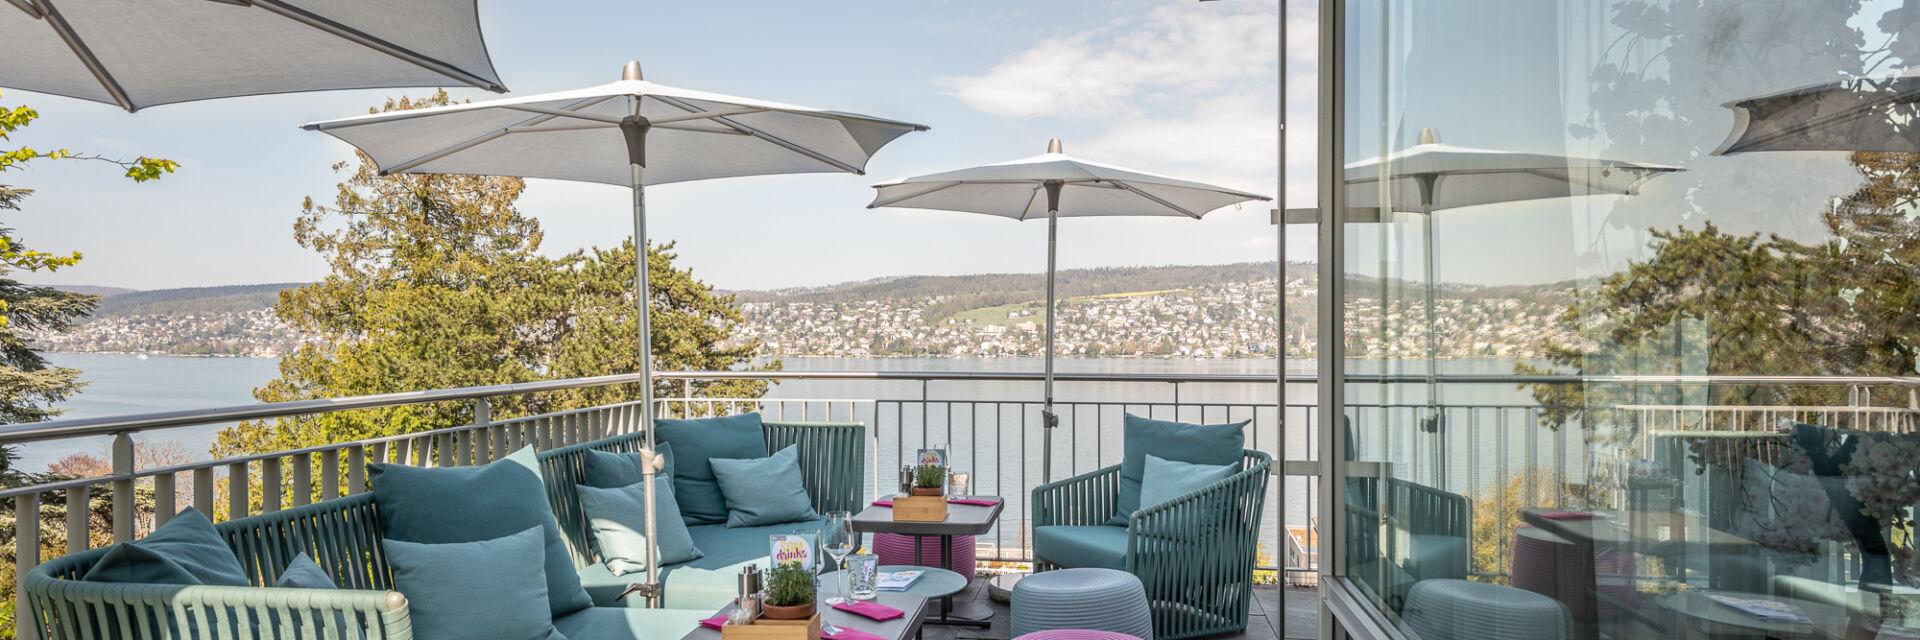 Rooftop Summerlounge